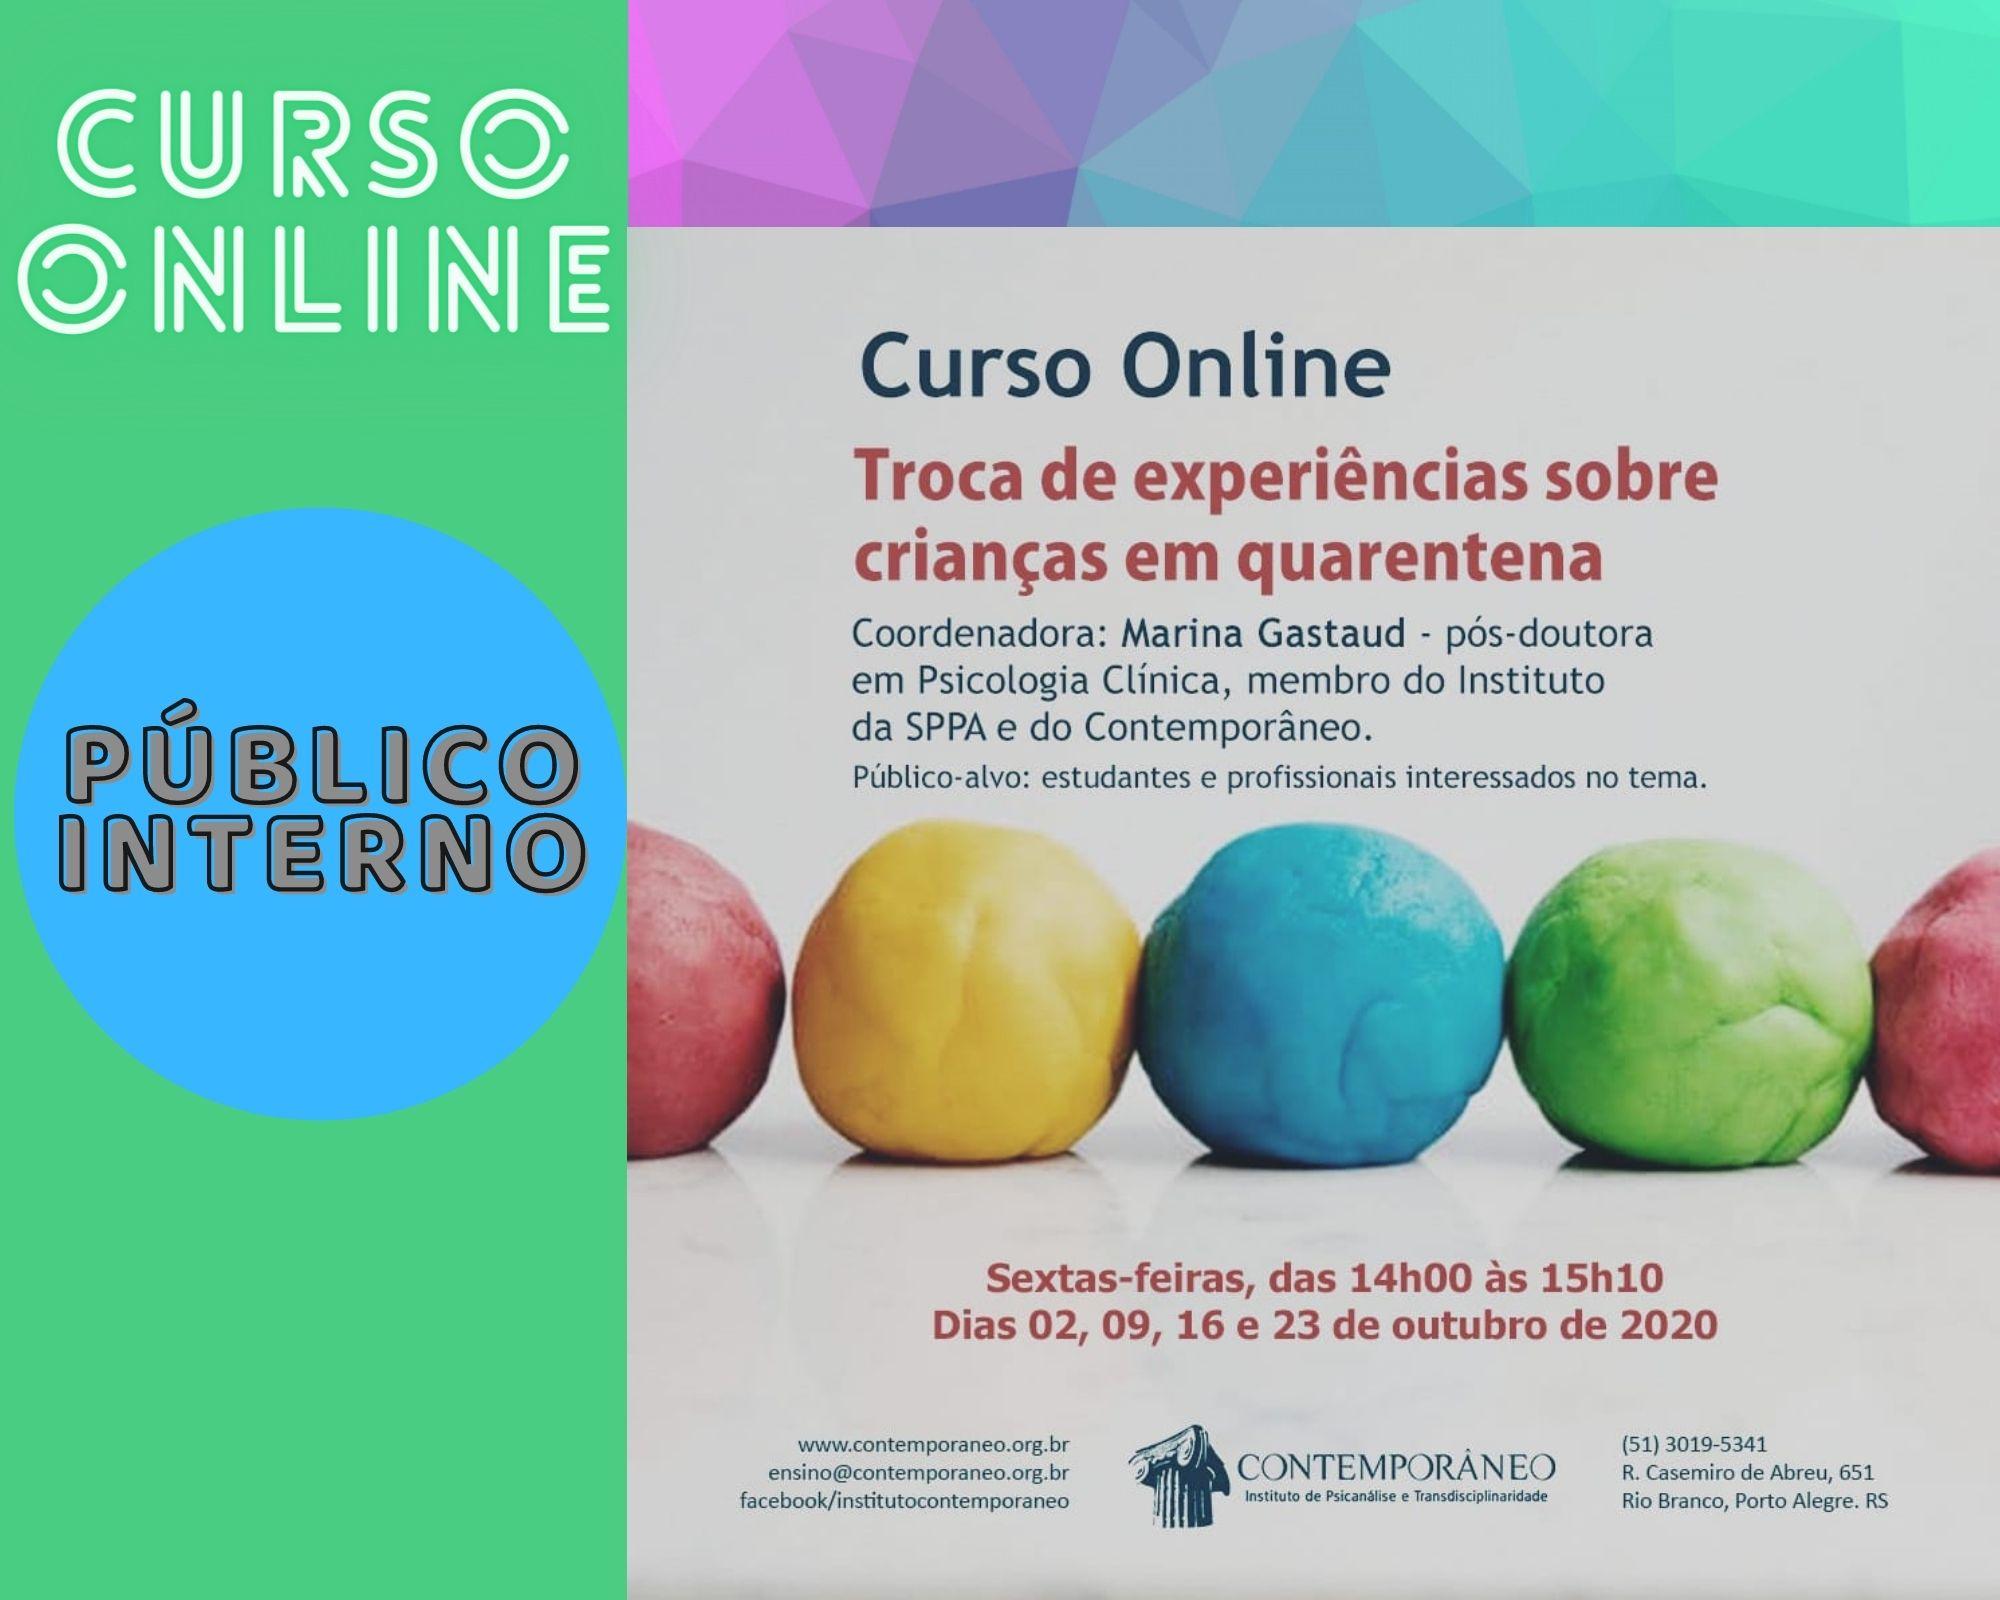 Curso para Troca de experiências sobre crianças em quarentena (para leigos) – Público Interno